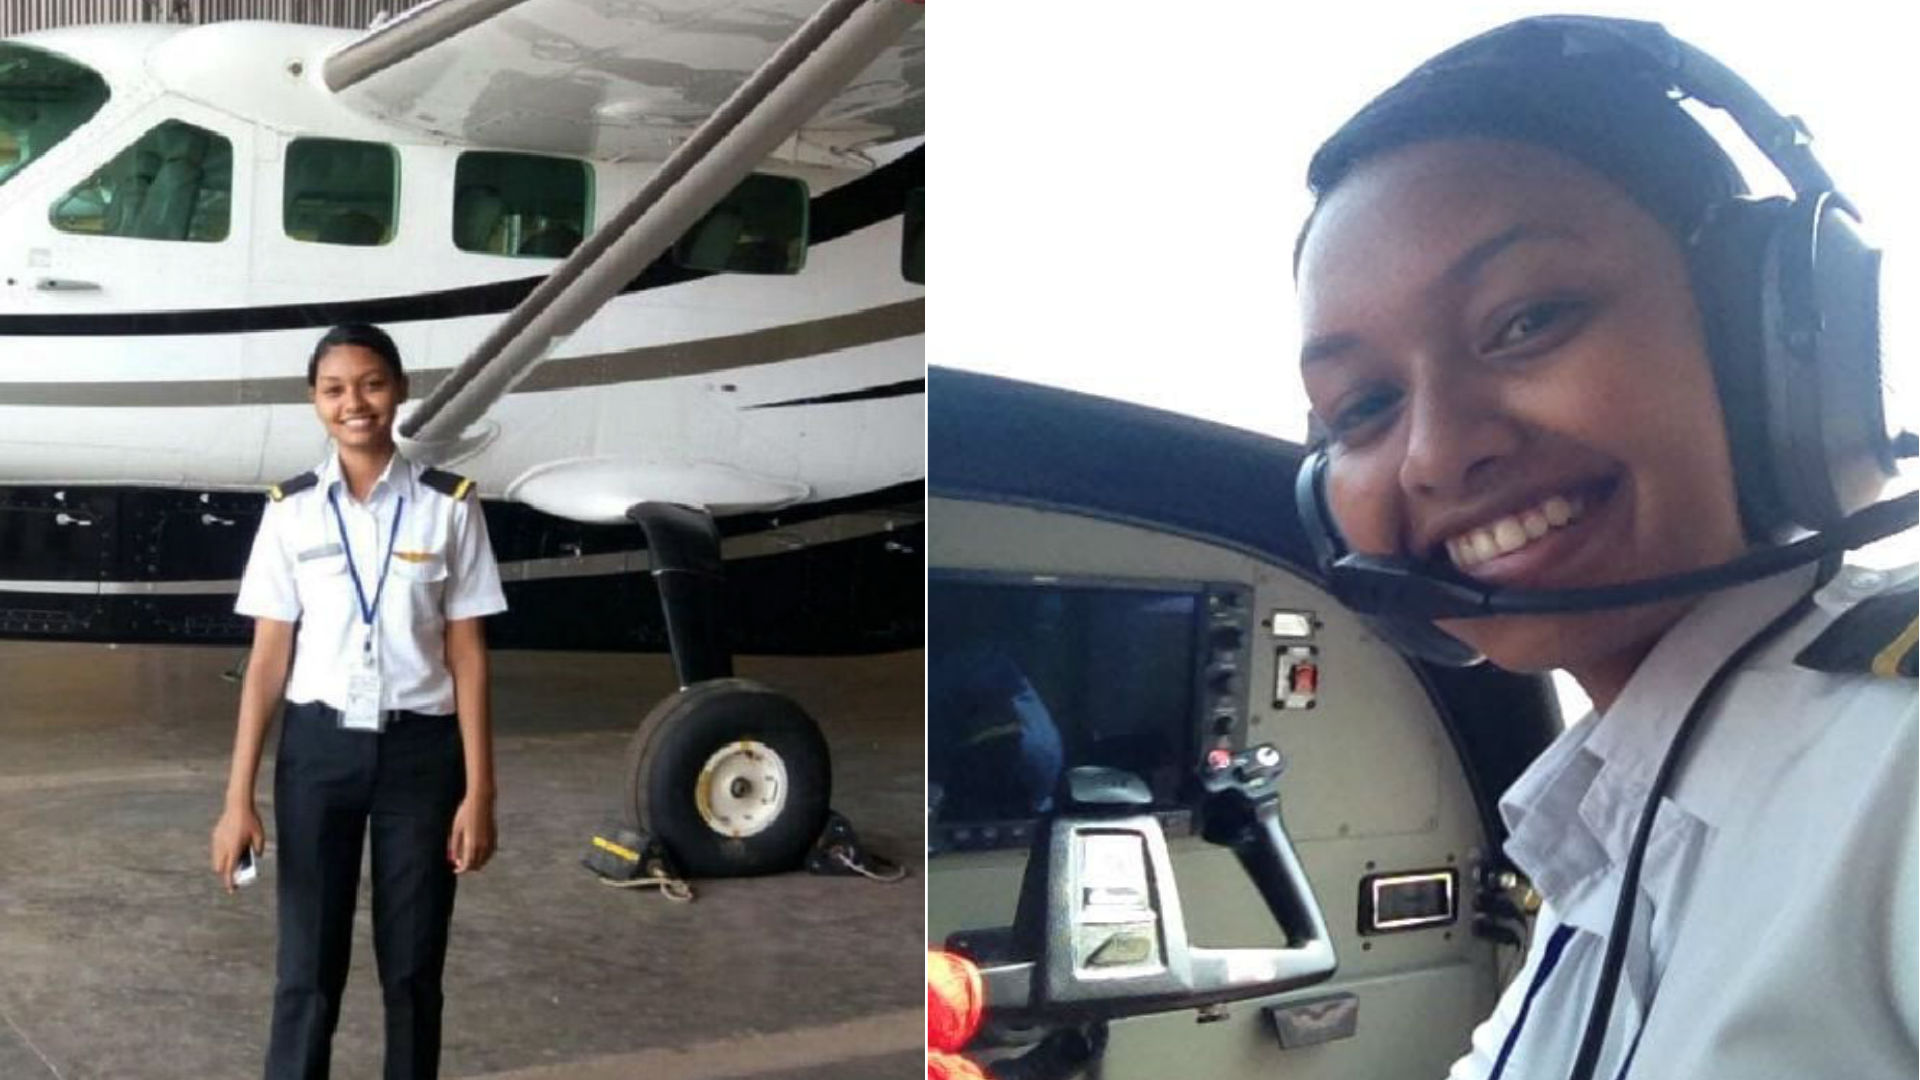 पिता कांस्टेबल, मां ने अभी तक नहीं देखा प्लेन, लेकिन अब बेटी बनी पहली आदिवासी महिला कमर्शियल पायलट